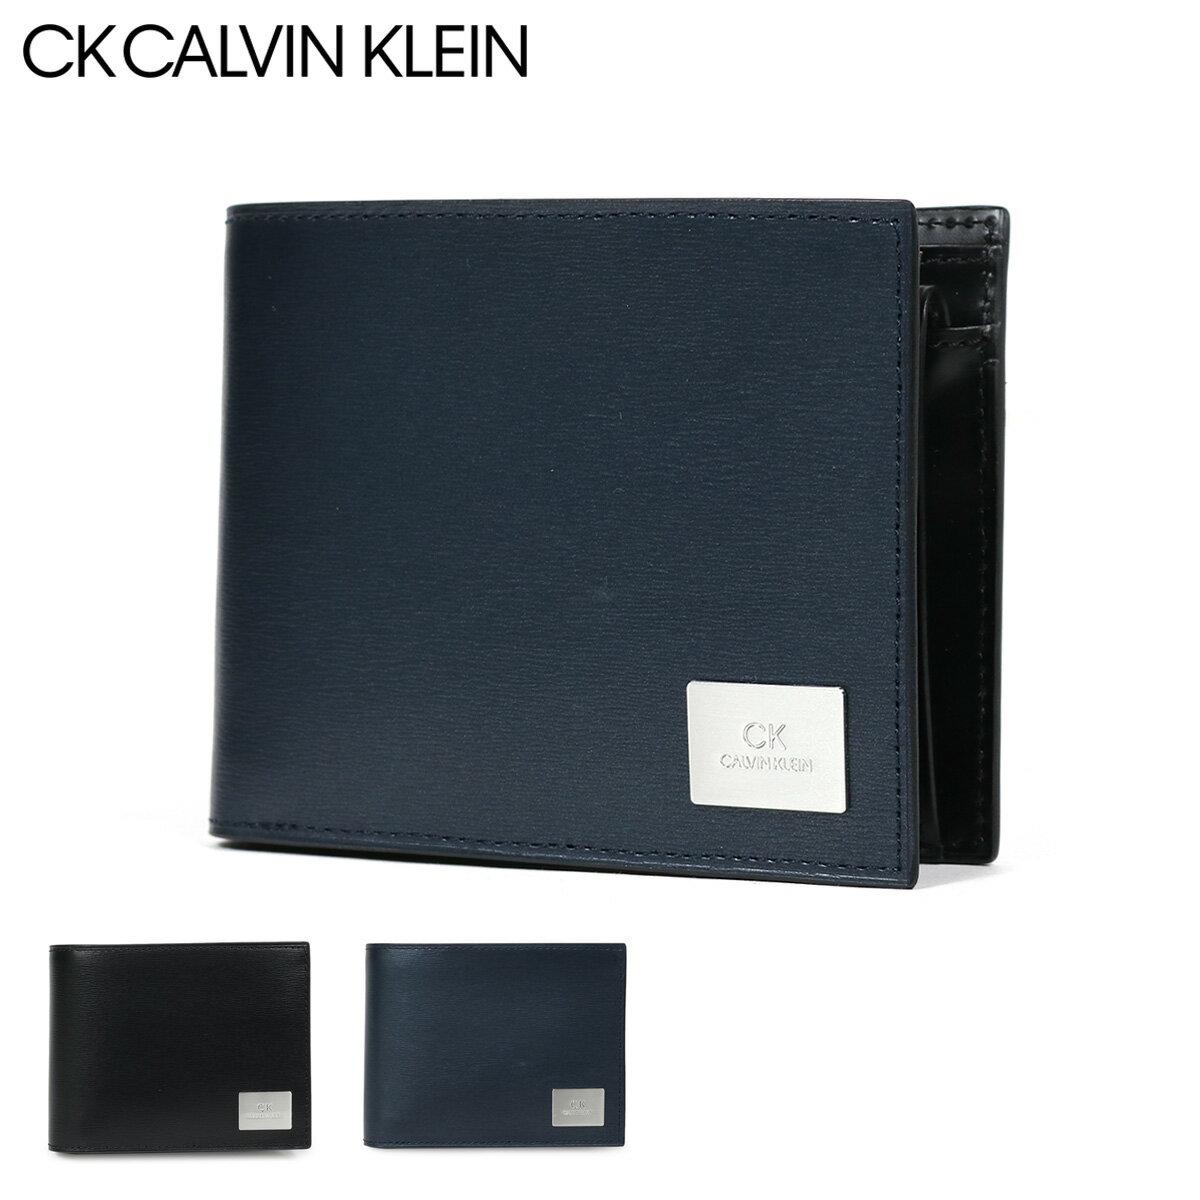 シーケー カルバンクライン 二つ折り財布 レジンII メンズ 826654 CK CALVIN KLEIN | 牛革 本革 レザー ブランド専用BOX付き[bef][即日発送][PO5]